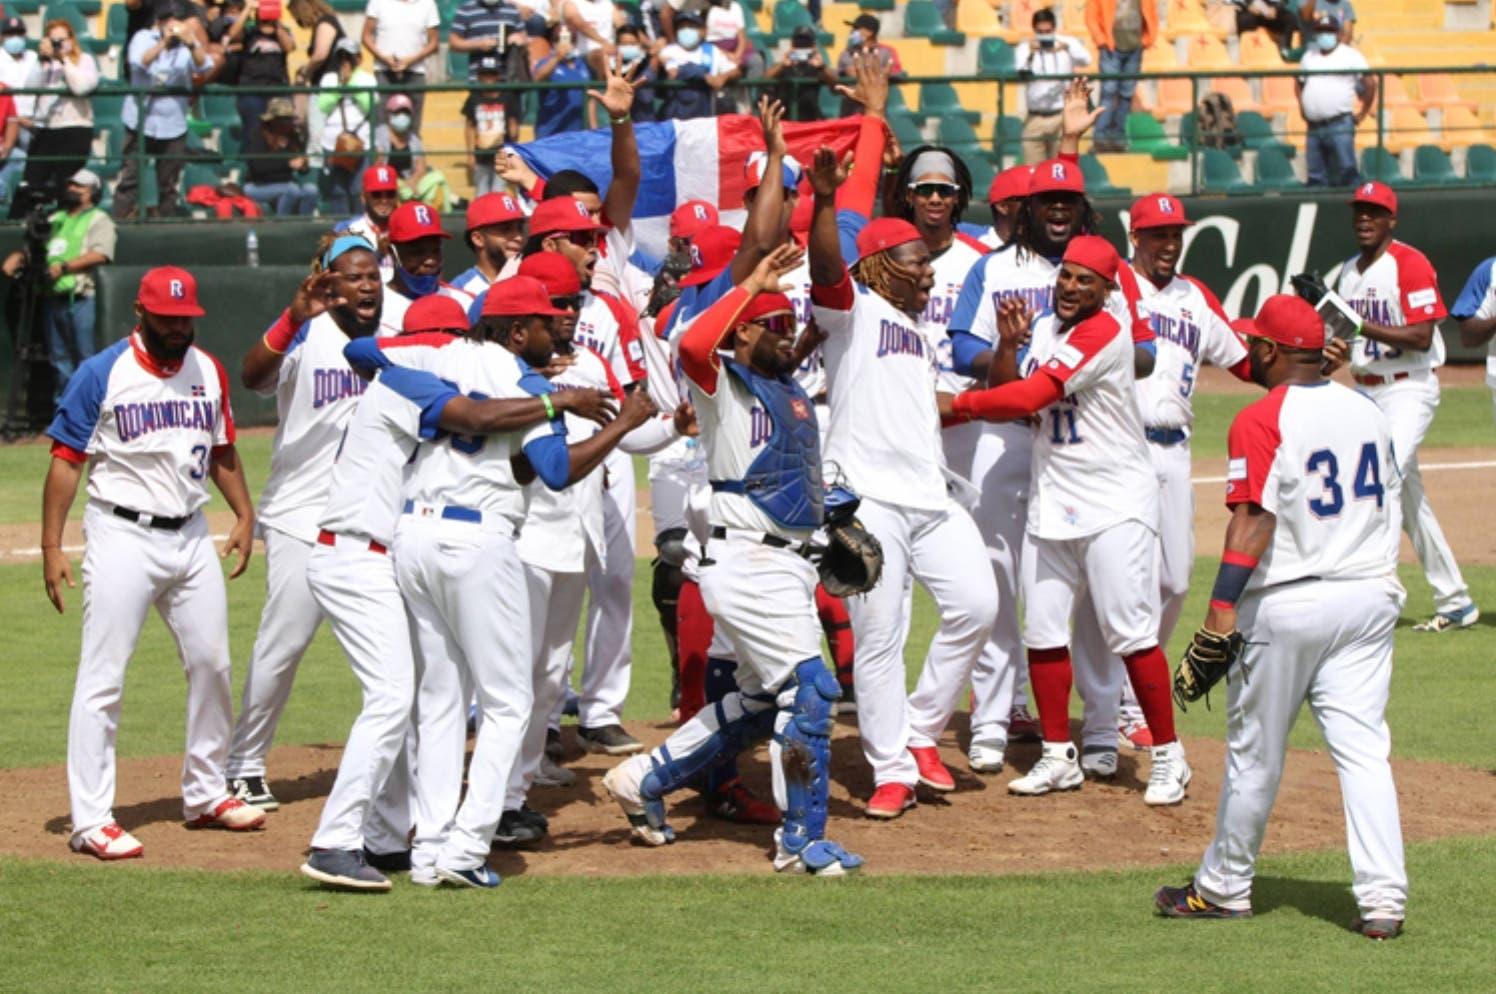 El oro es único  enfoque béisbol RD juegos Tokio